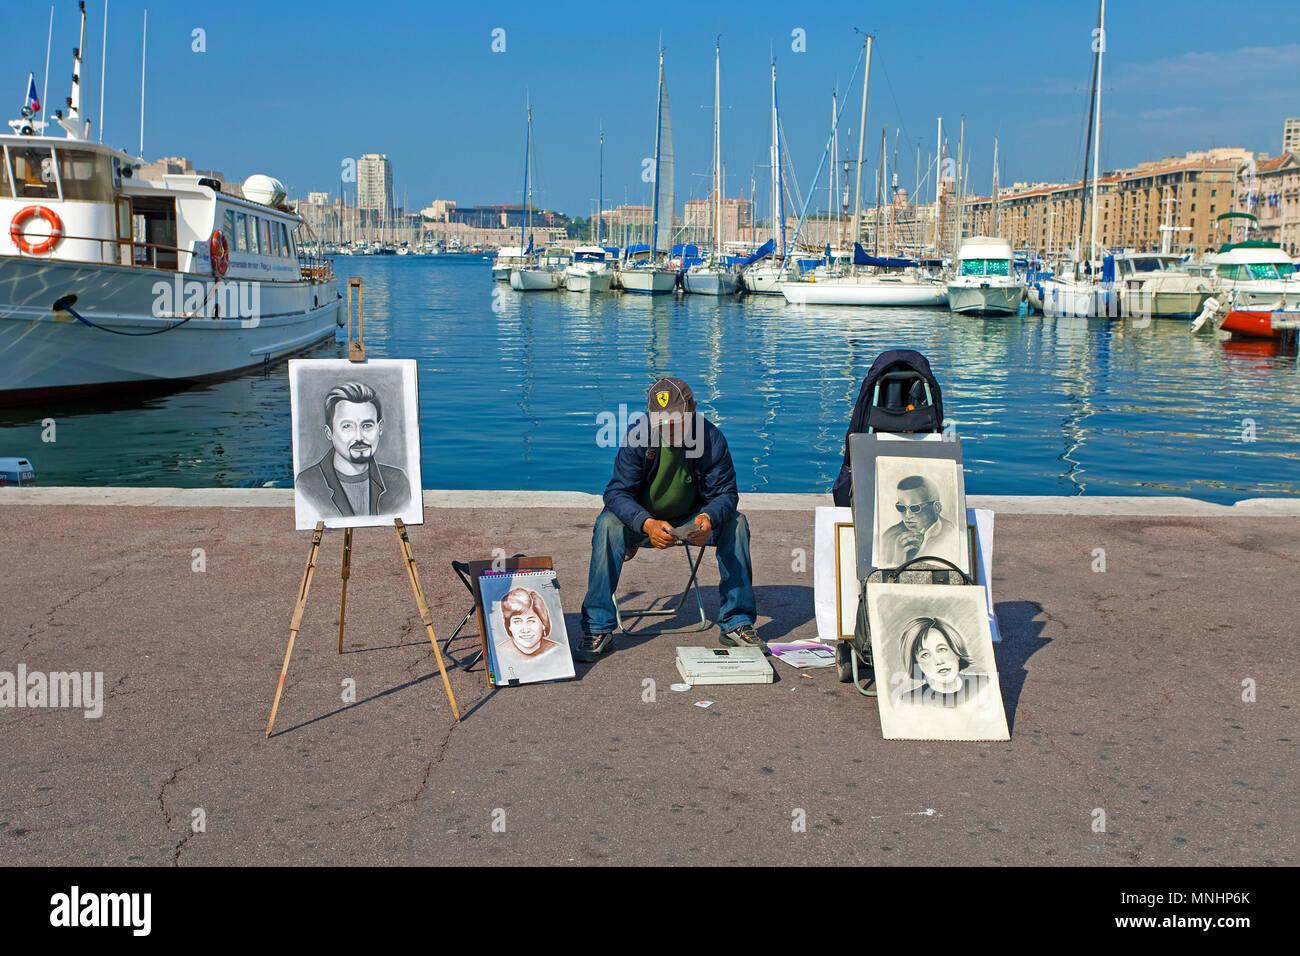 Tiroir Portrait à l'Harbour Vieux Port, Marseille, Bouches-du-Rhône, Provence-Alpes-Côte d'Azur, France Sud, France, Europe Photo Stock